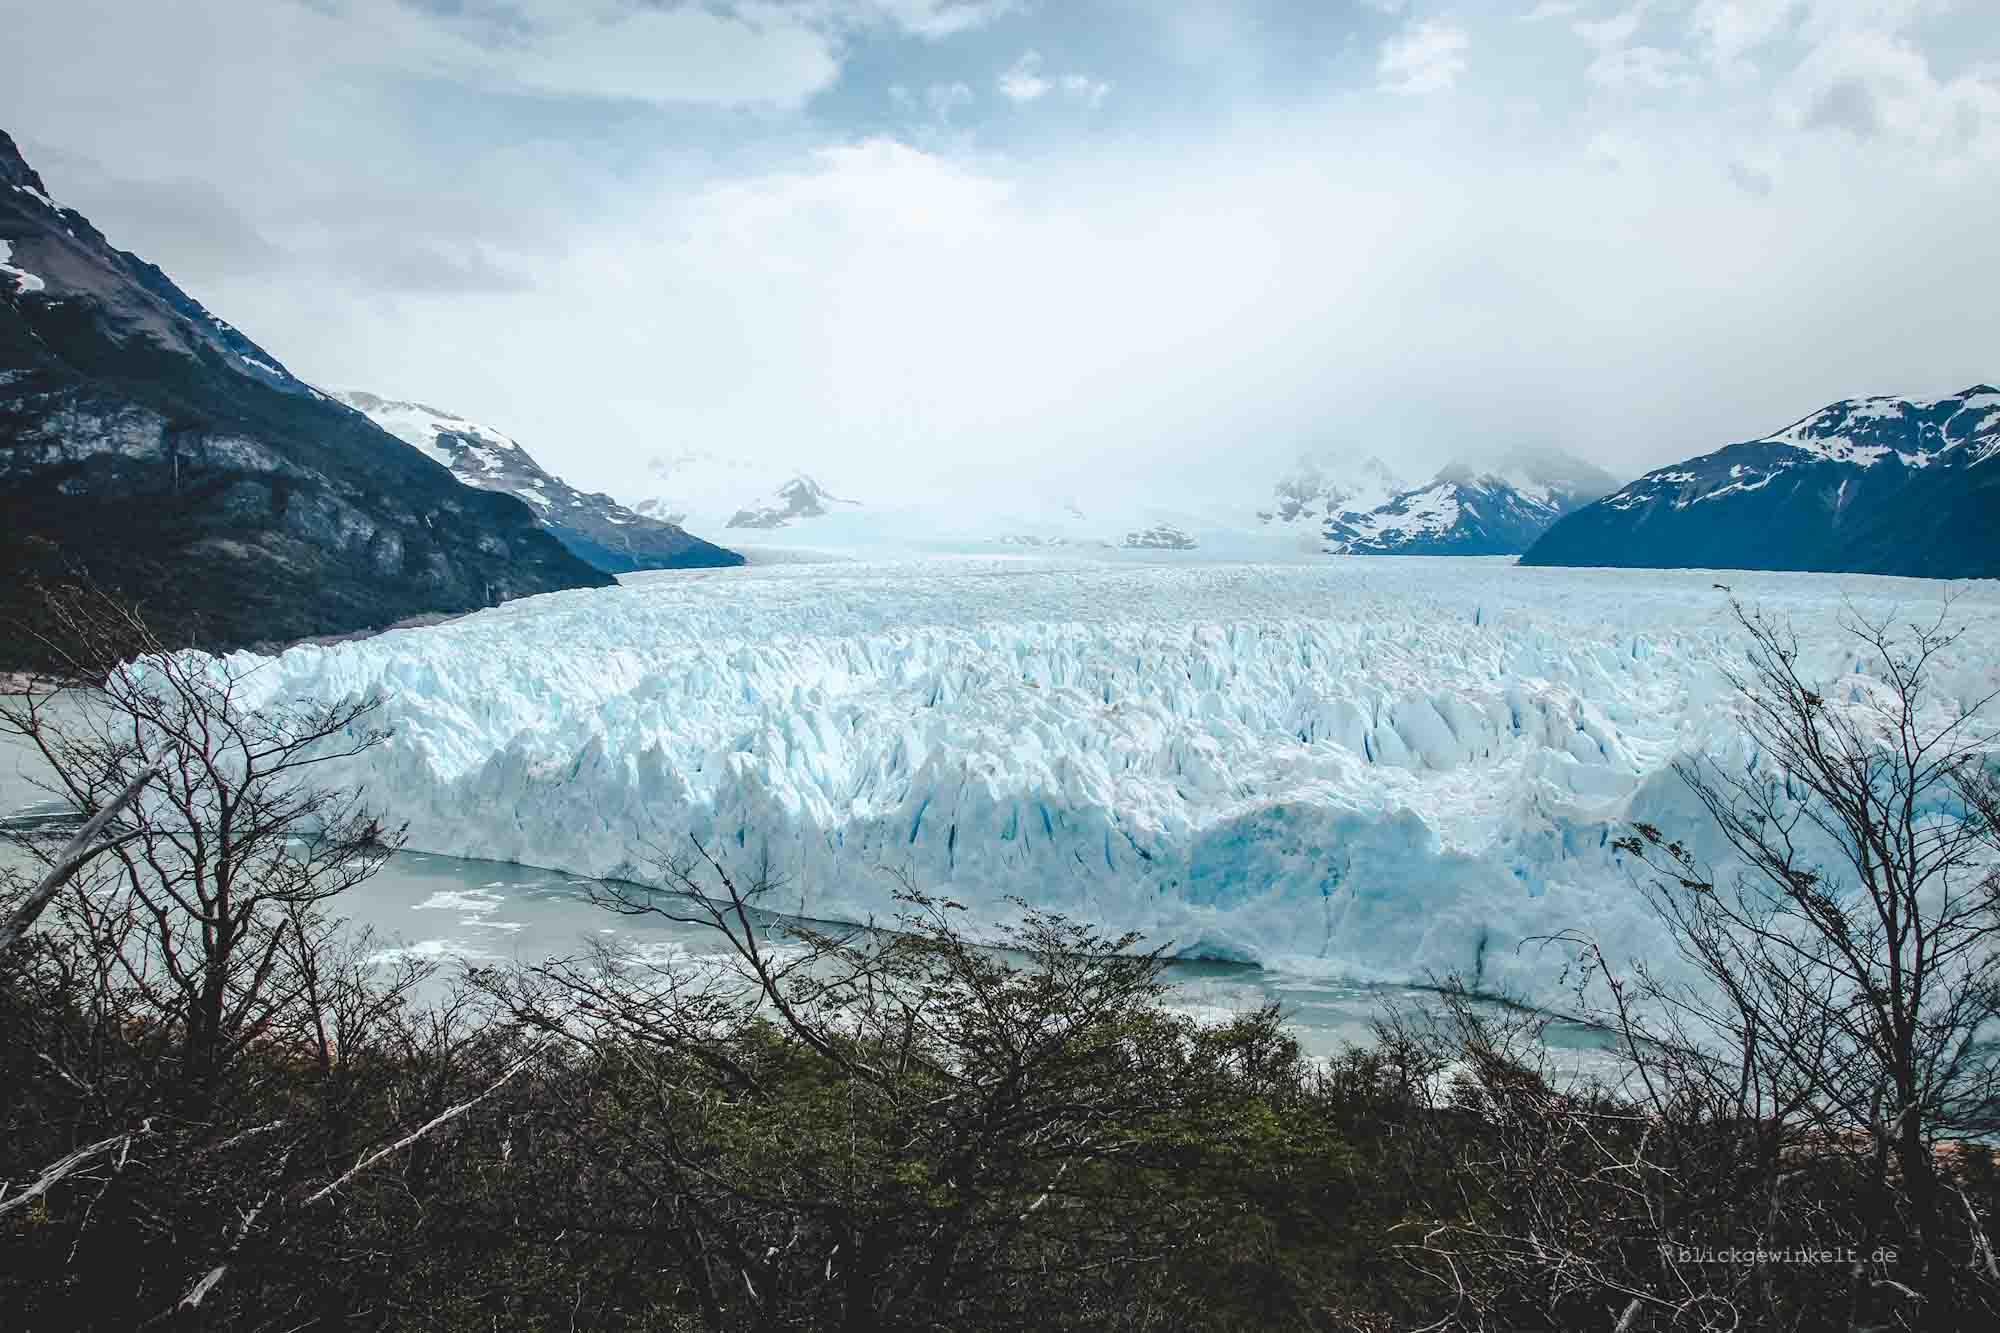 Blick auf den Perito Moreno Gletscher von oben.